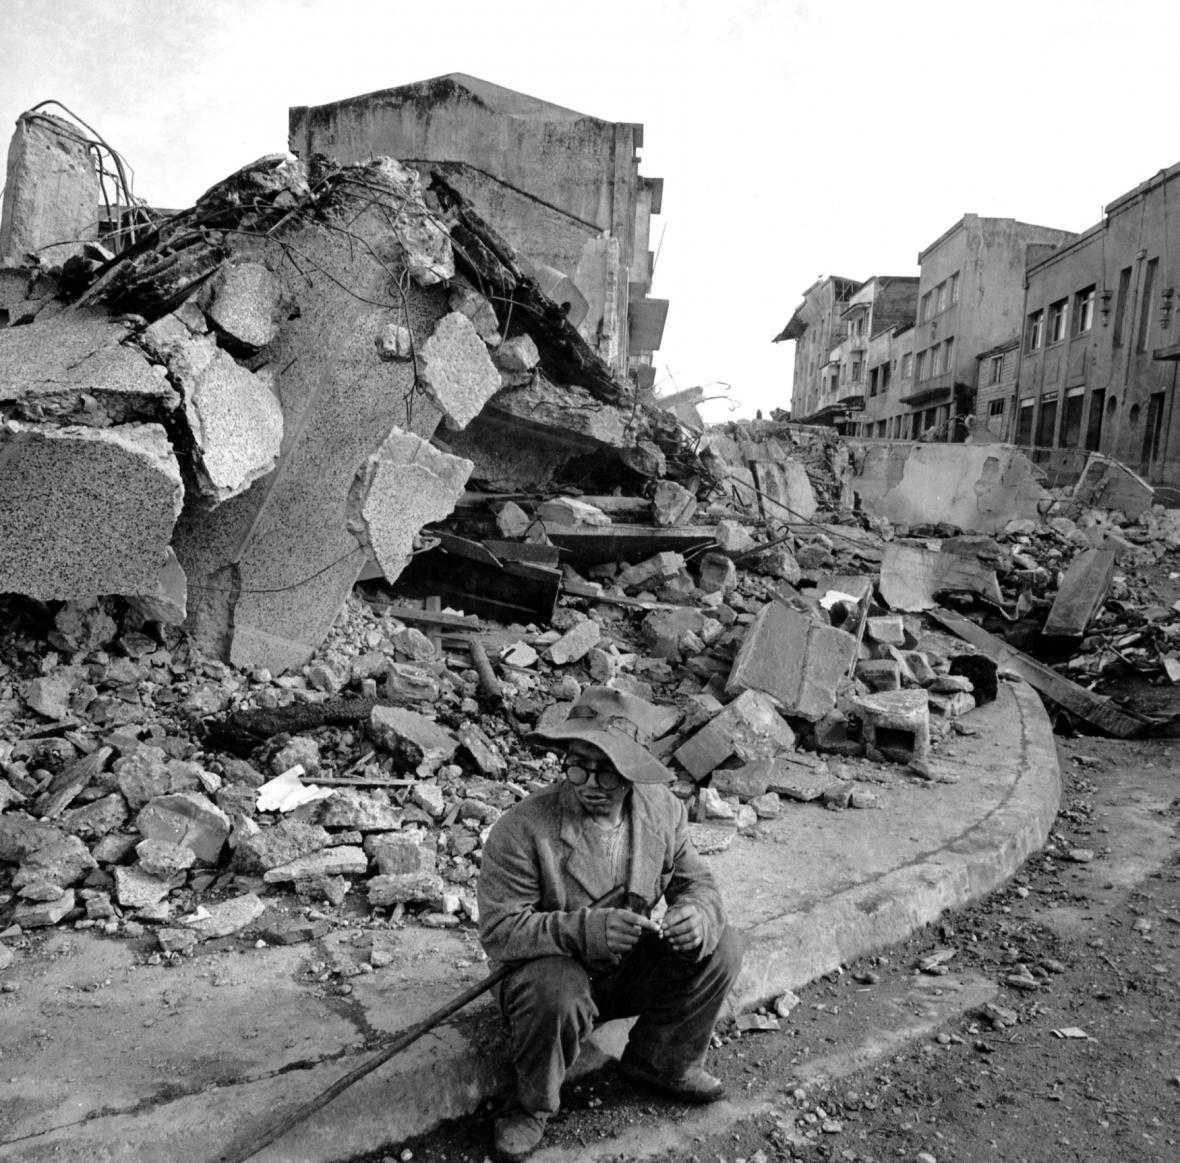 Osamělý obyvatel města Chile na jihu země sedí na obrubníku v centru města poté, co byla sekce zasažena ničivými zemětřeseními. Sutiny v pozadí byly obchodní centrum. Snímek z  30. května 1960